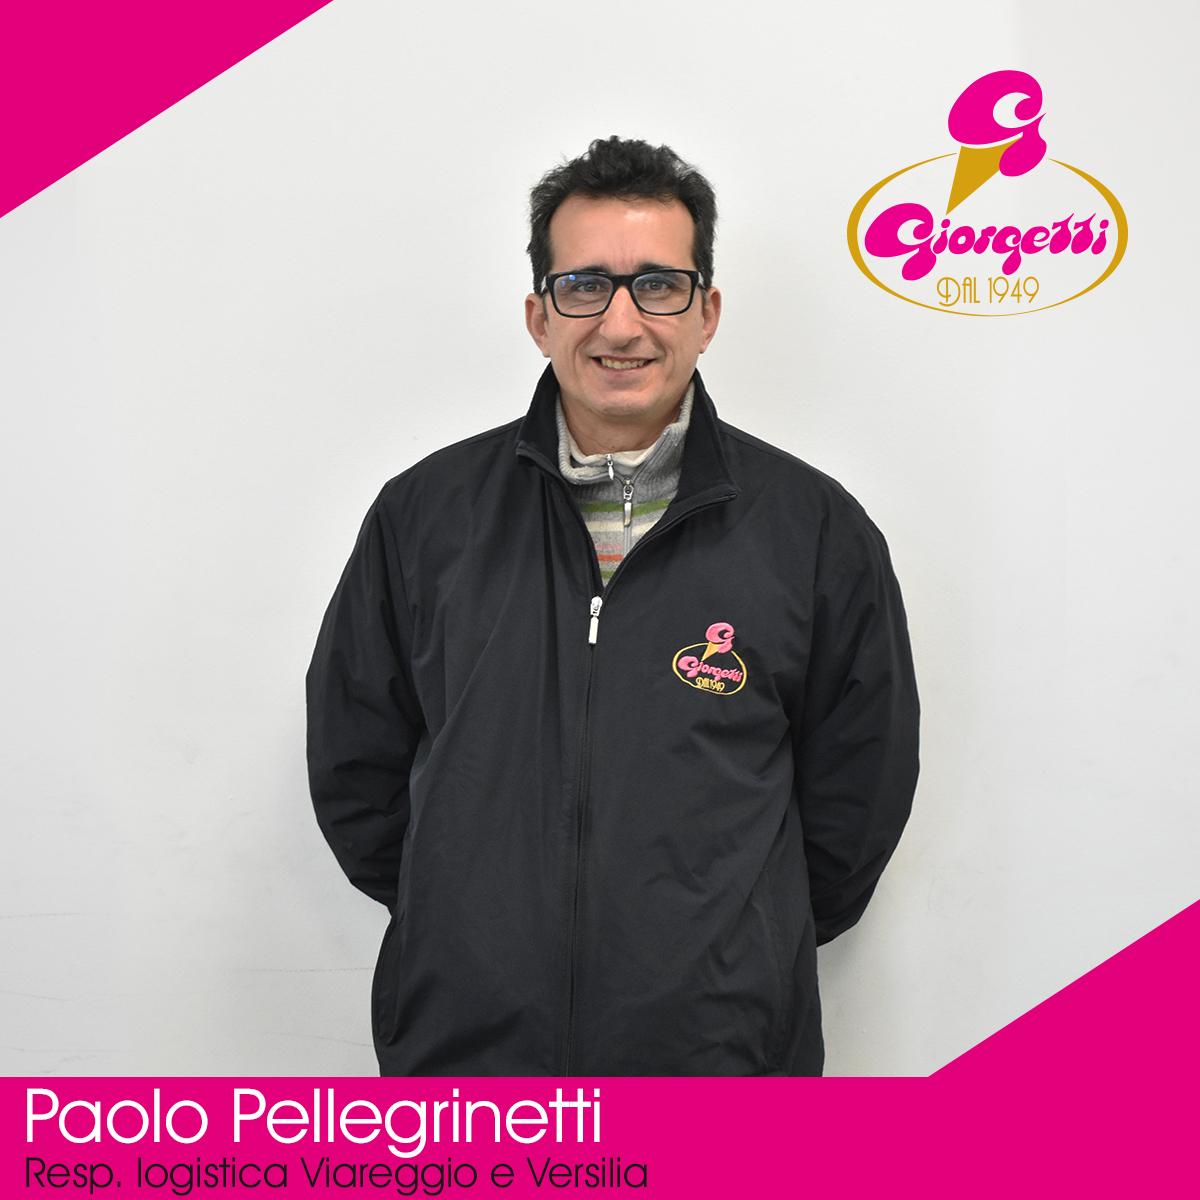 Paolo Pellegrinetti